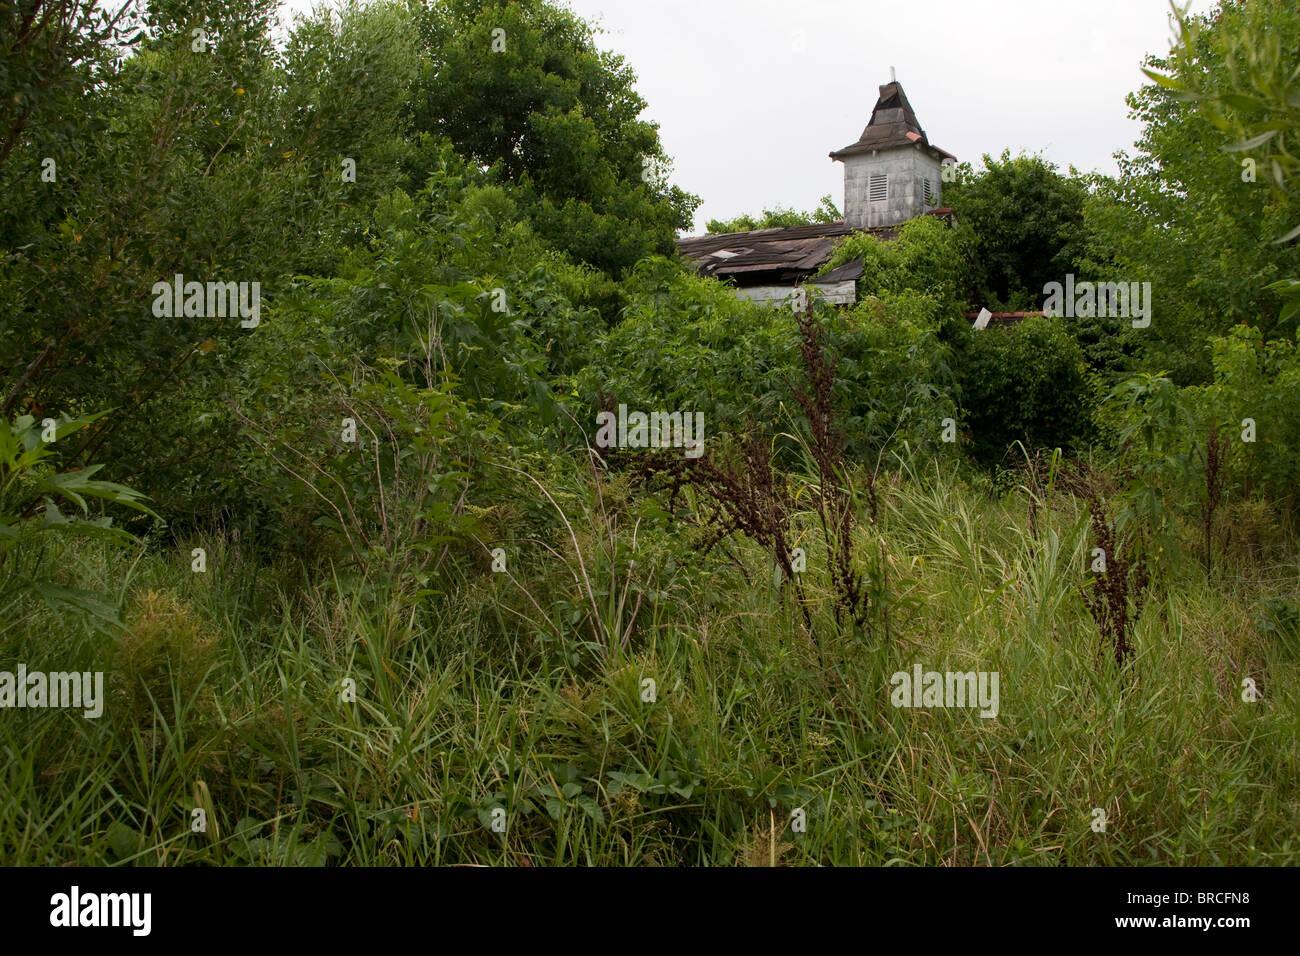 La pauvreté et la dégradation des plaies abandonnées de vastes régions de la Nouvelle Orléans. Photo Stock